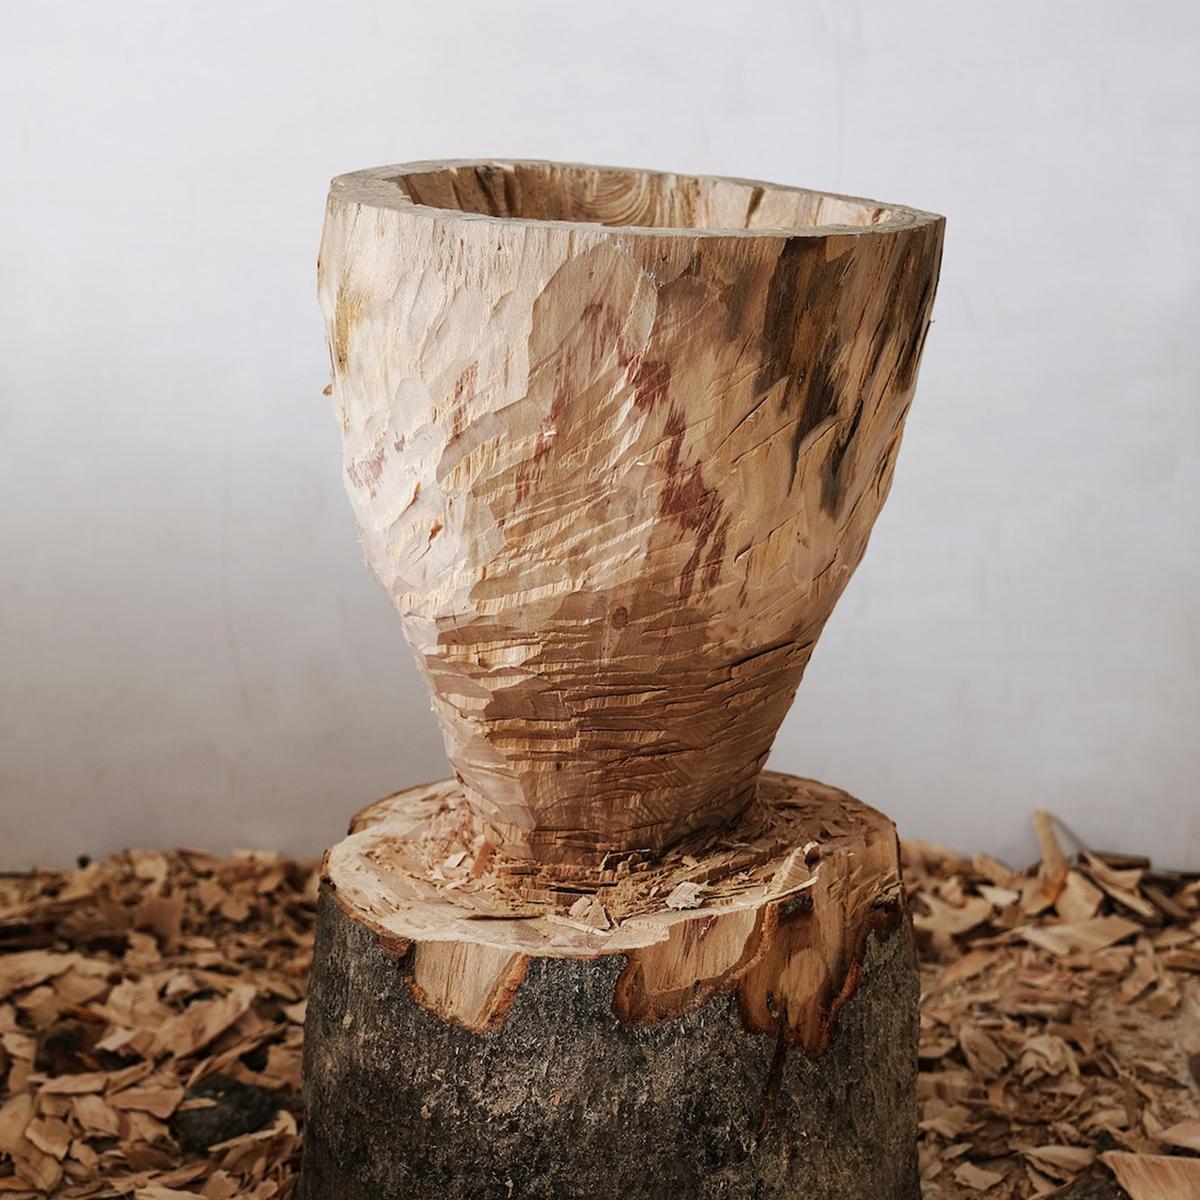 Forest + Found (Stand 18 British Craft Pavilion)